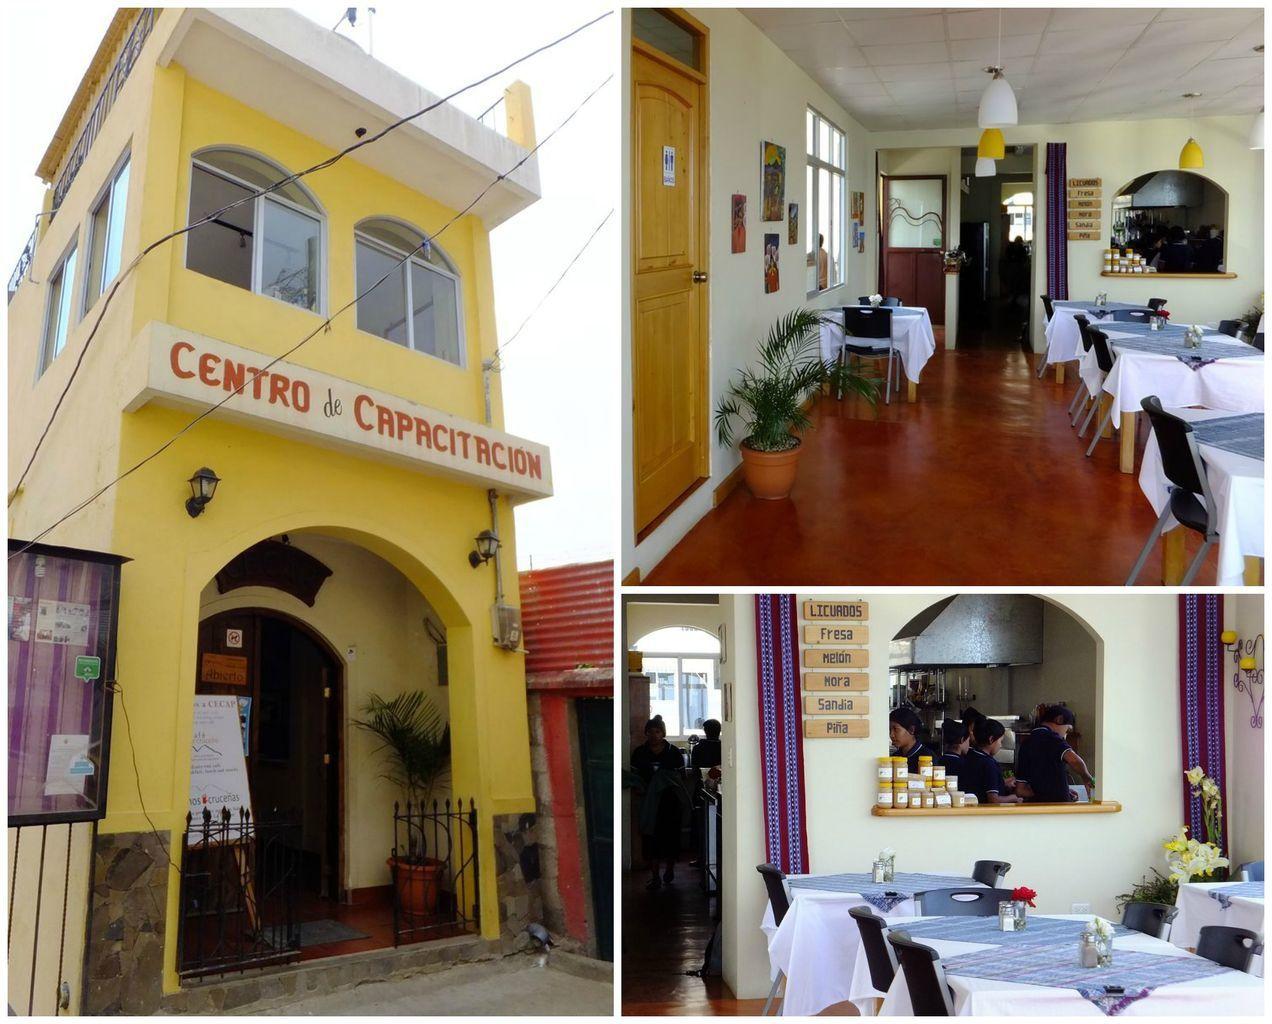 Une journée à Santa Cruz La Laguna au Guatemala : nos idées de visites !